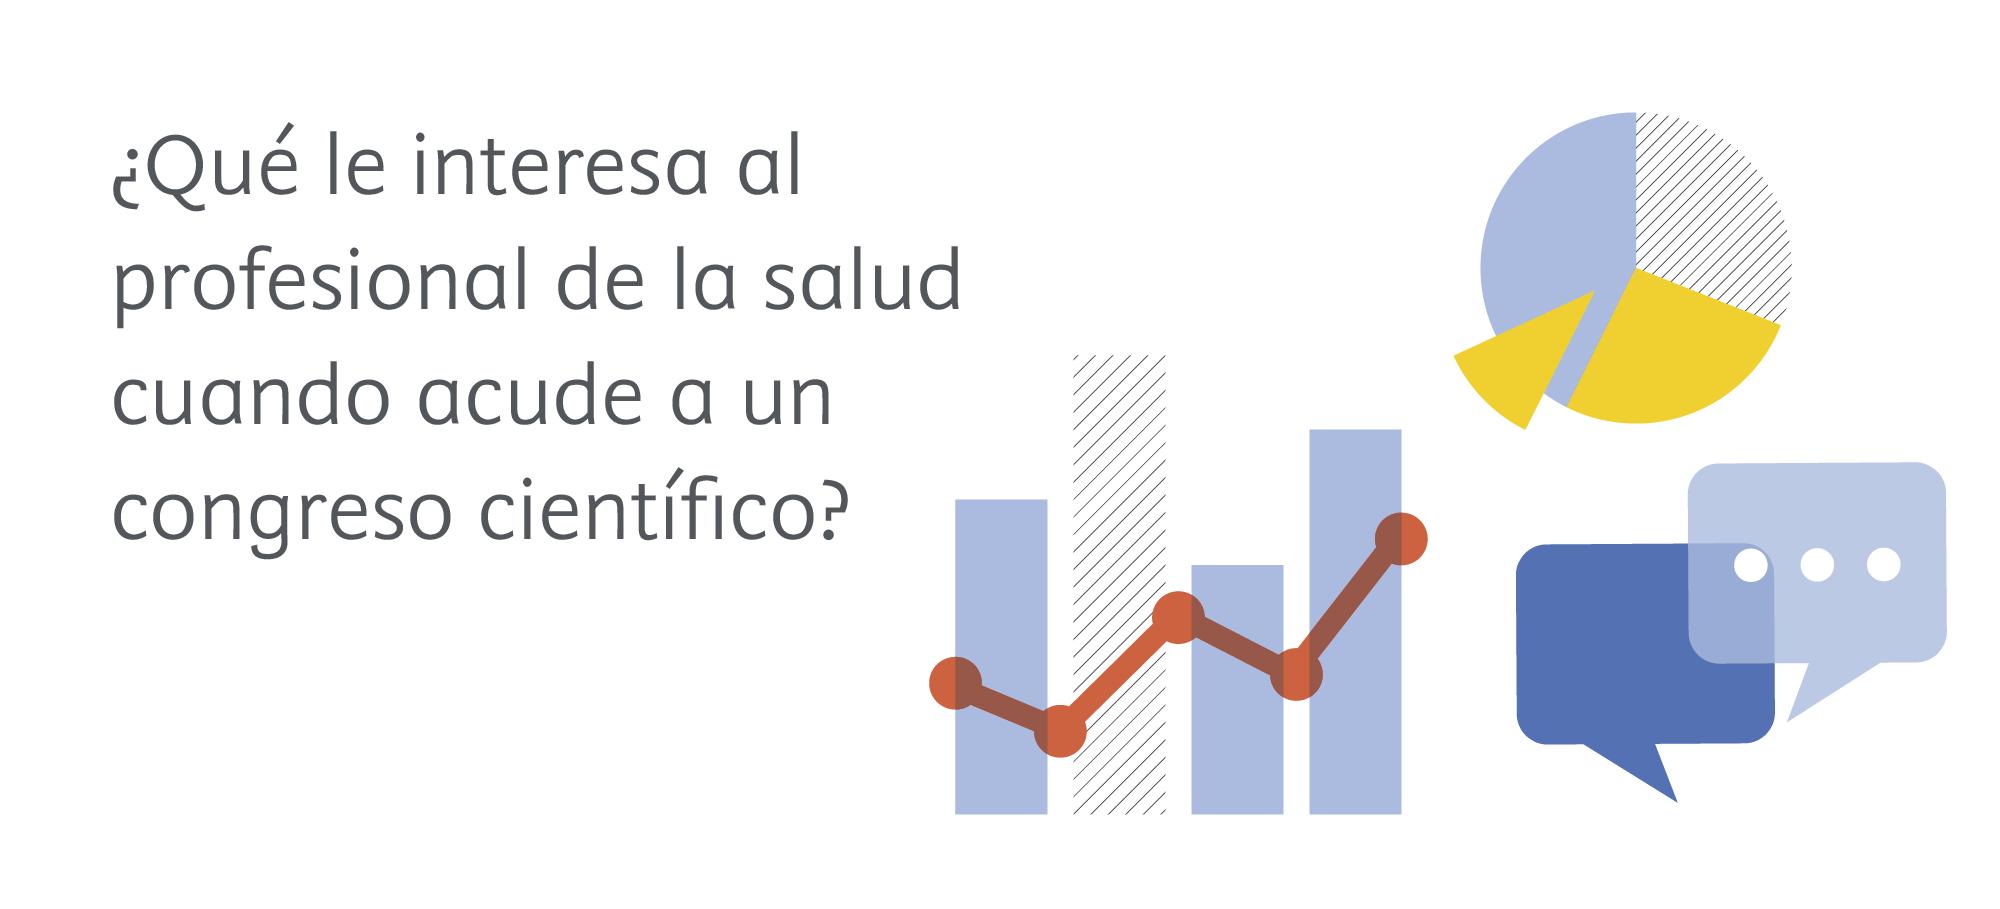 Motivaciones e intereses del profesional de la salud que acude un congreso de científico